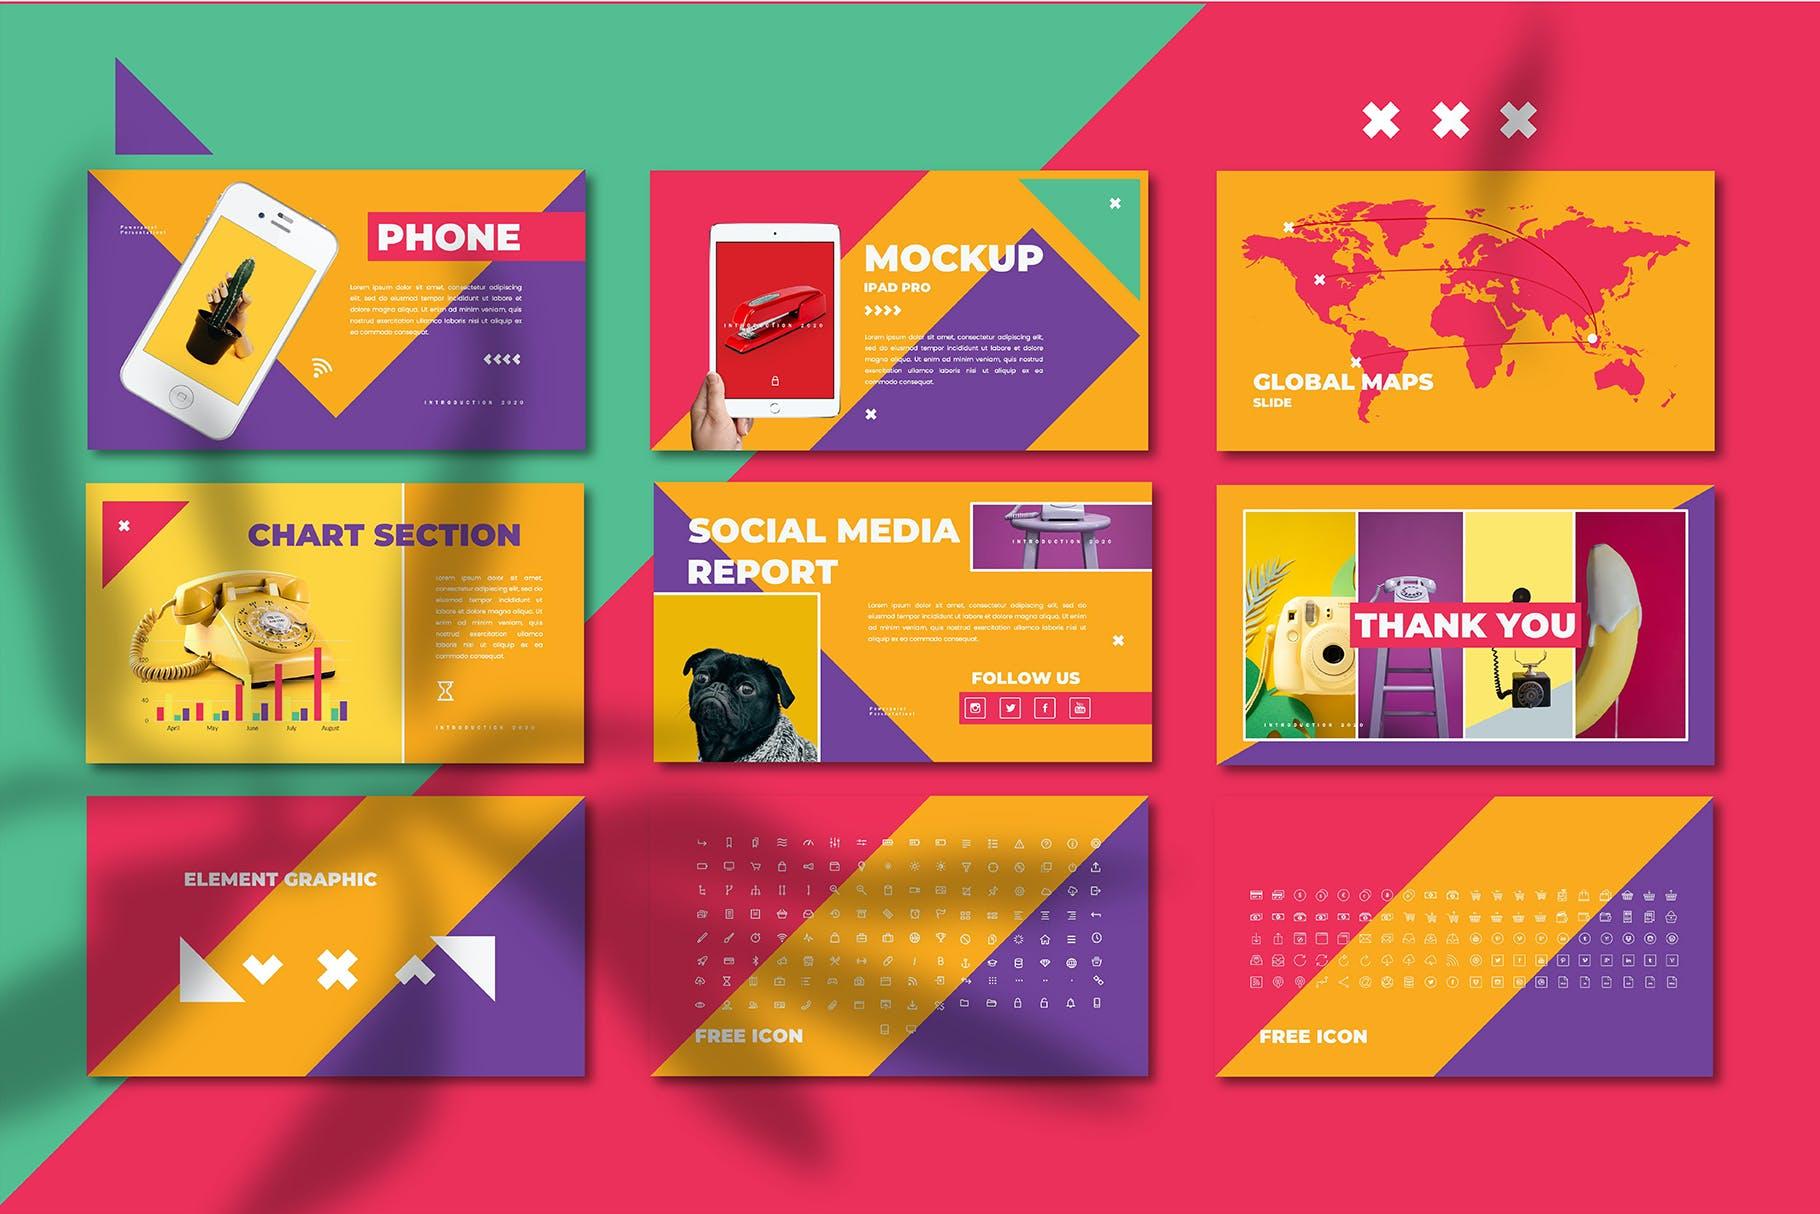 多彩营销策划案PPT幻灯片设计模板 Cheerful – Power Point Template插图(6)